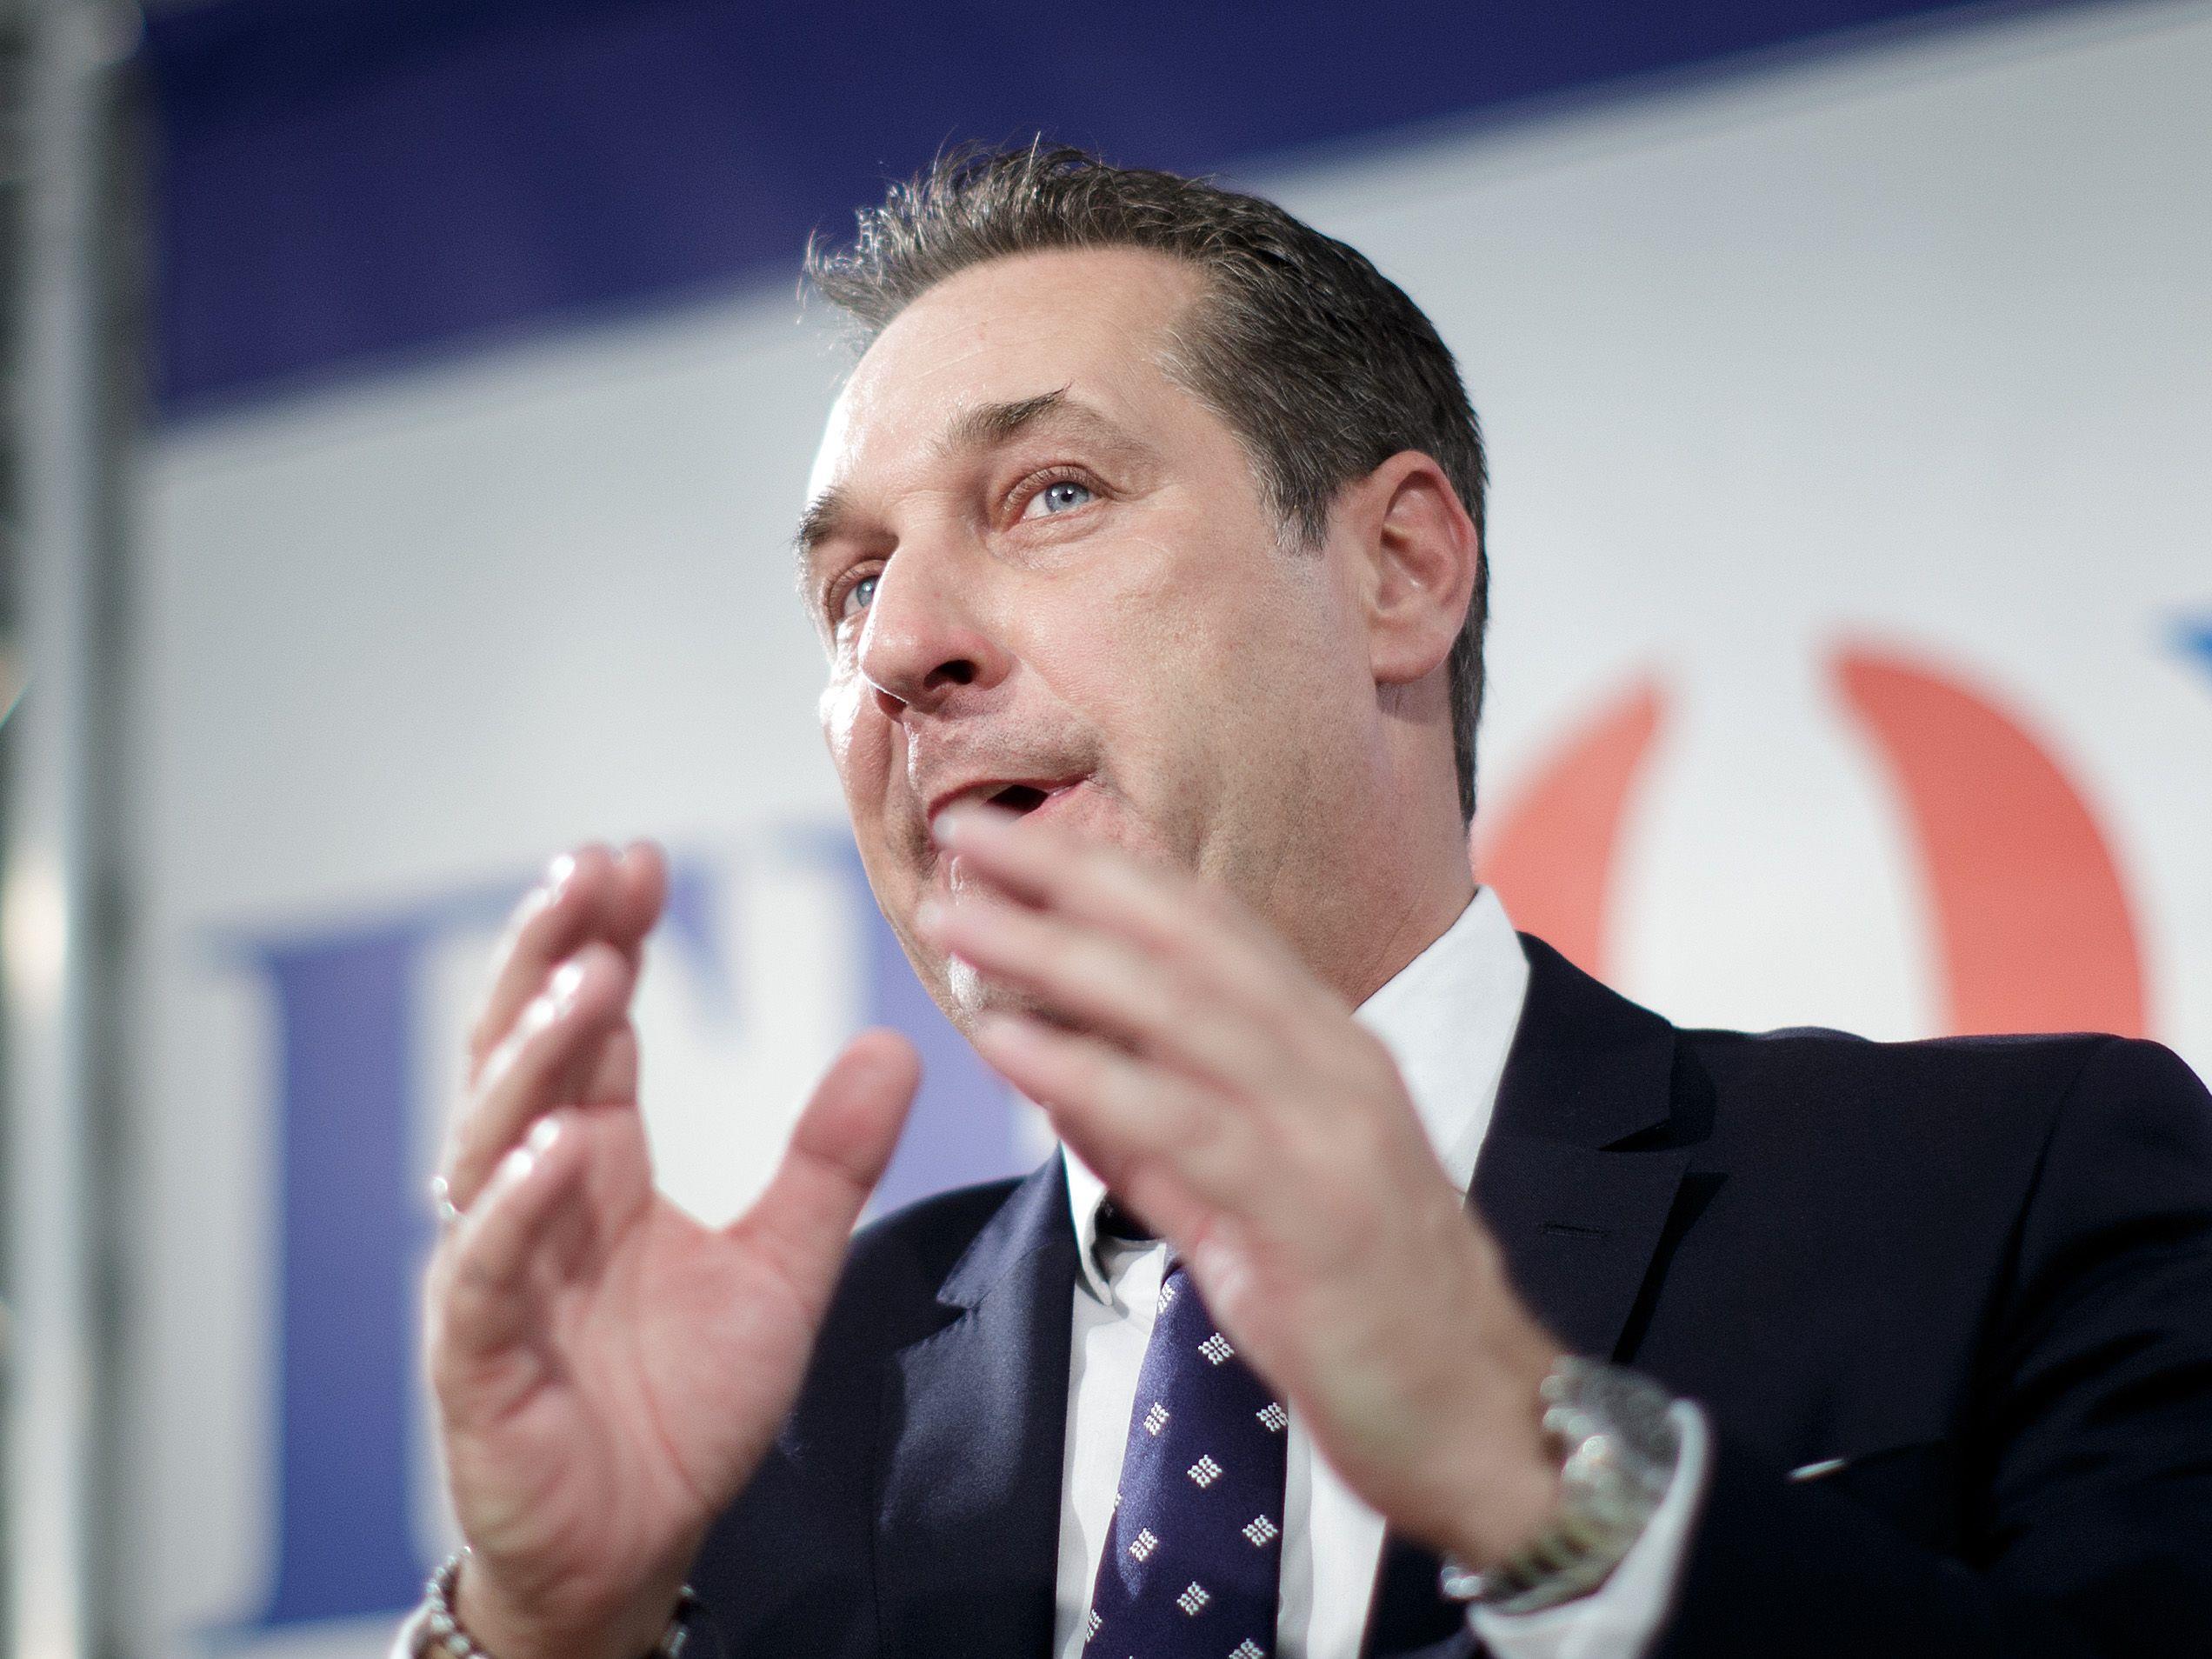 VOL.AT überträgt die Rede von Parteiobmann Heinz-Christian Strache auf dem Bundesparteitag der FPÖ live.